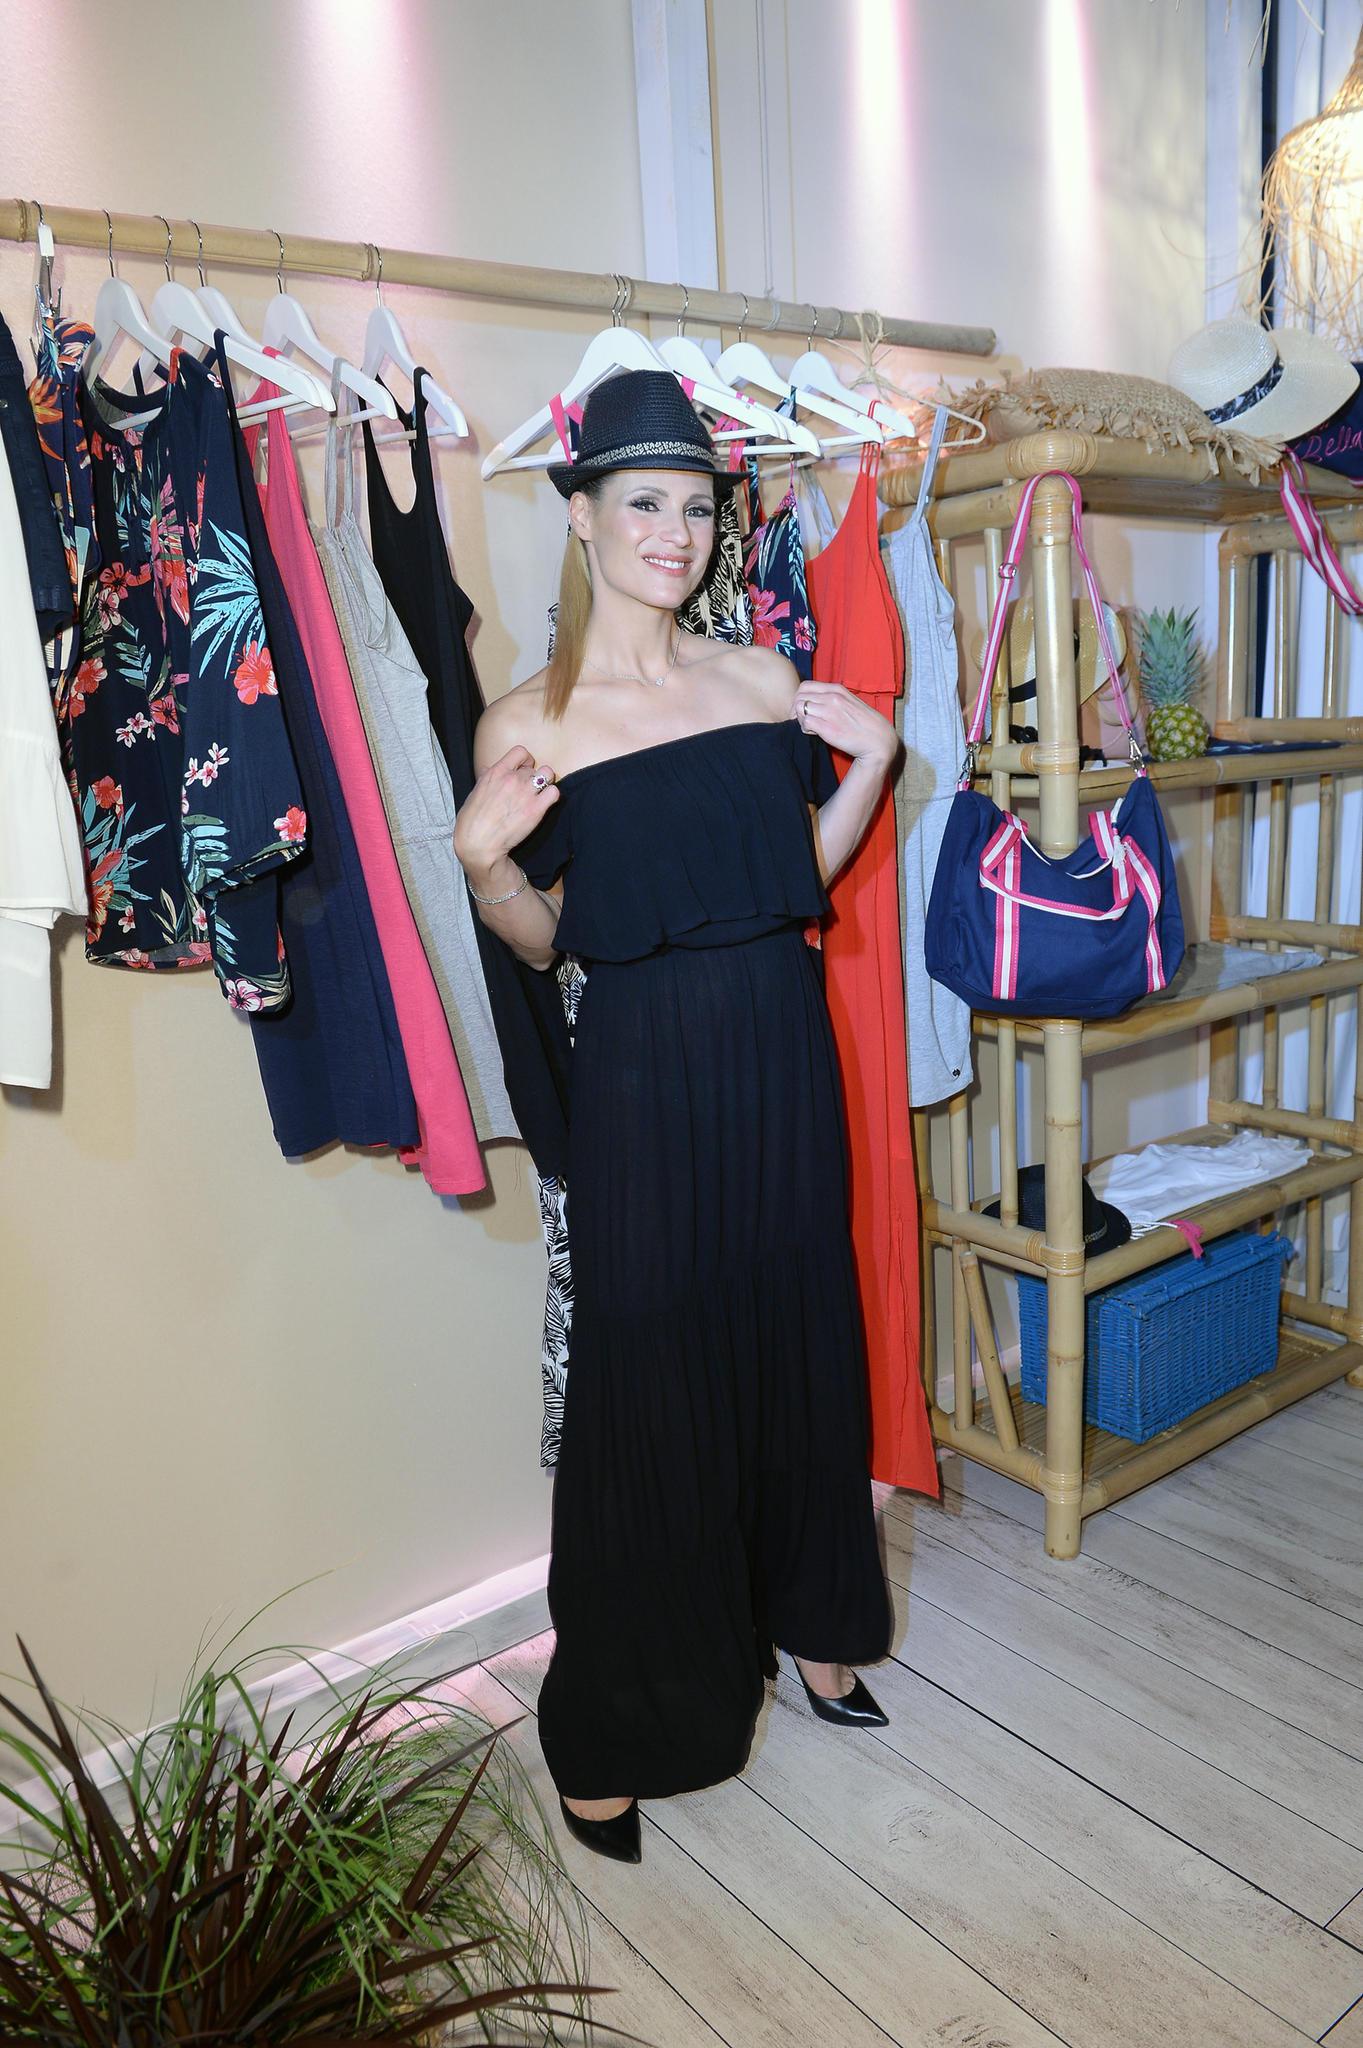 Bei Aldi Süd gibt es jetzt italienischen Sommer-Style à la Michelle Hunziker.